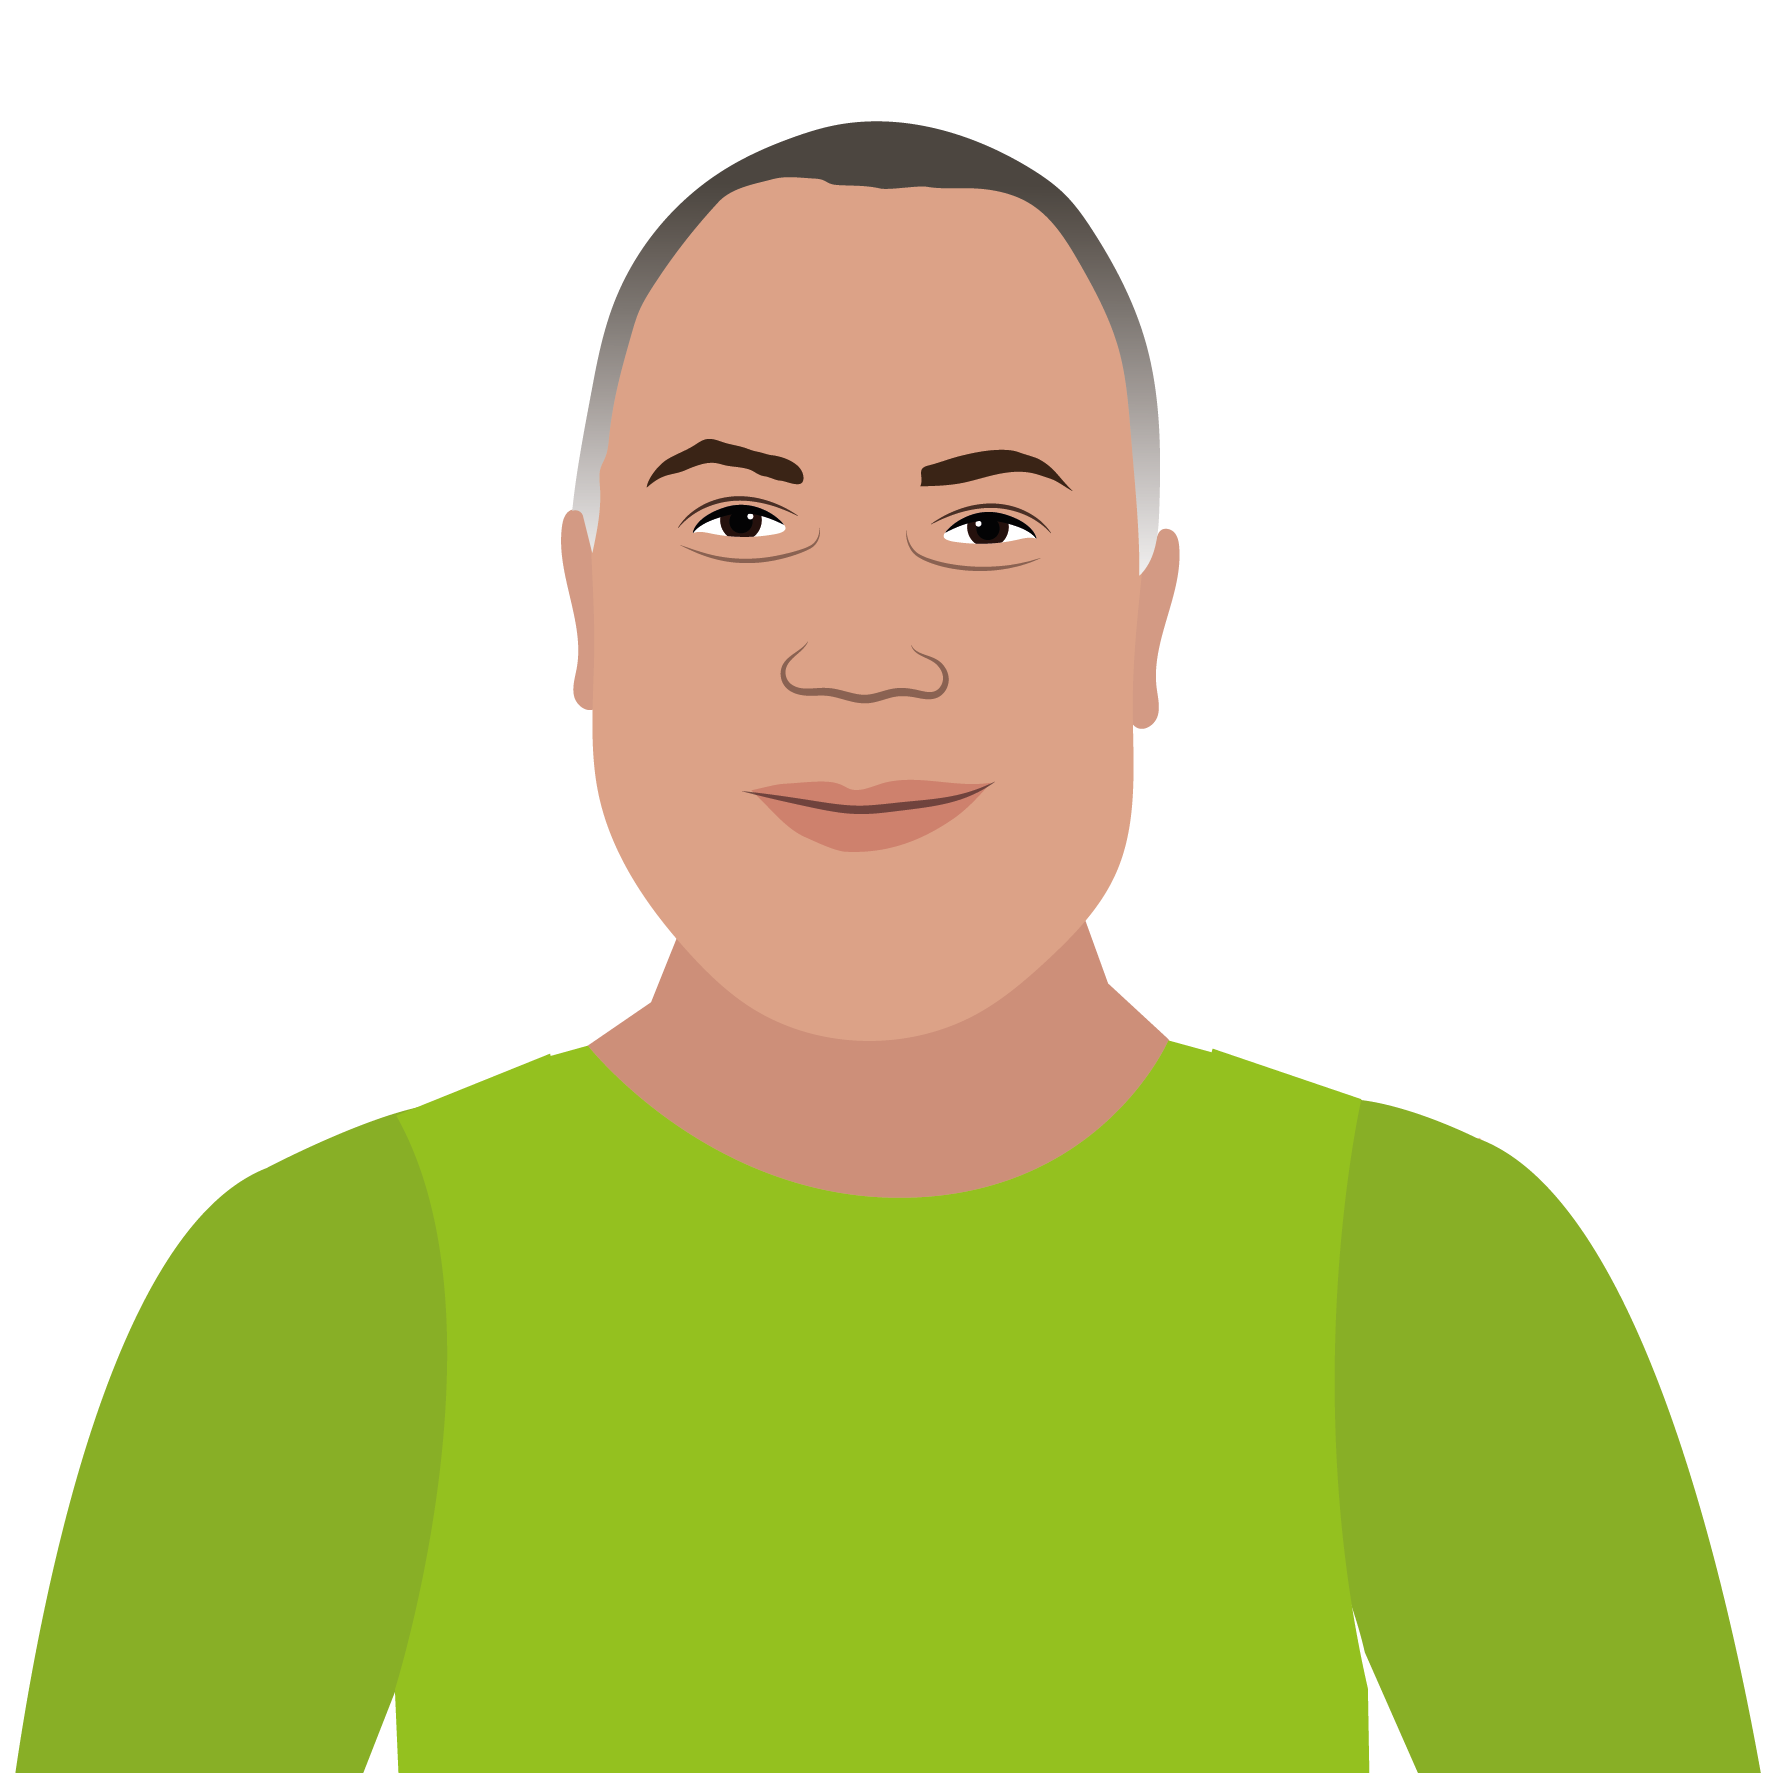 jaquier_habefast_illu_employes-john